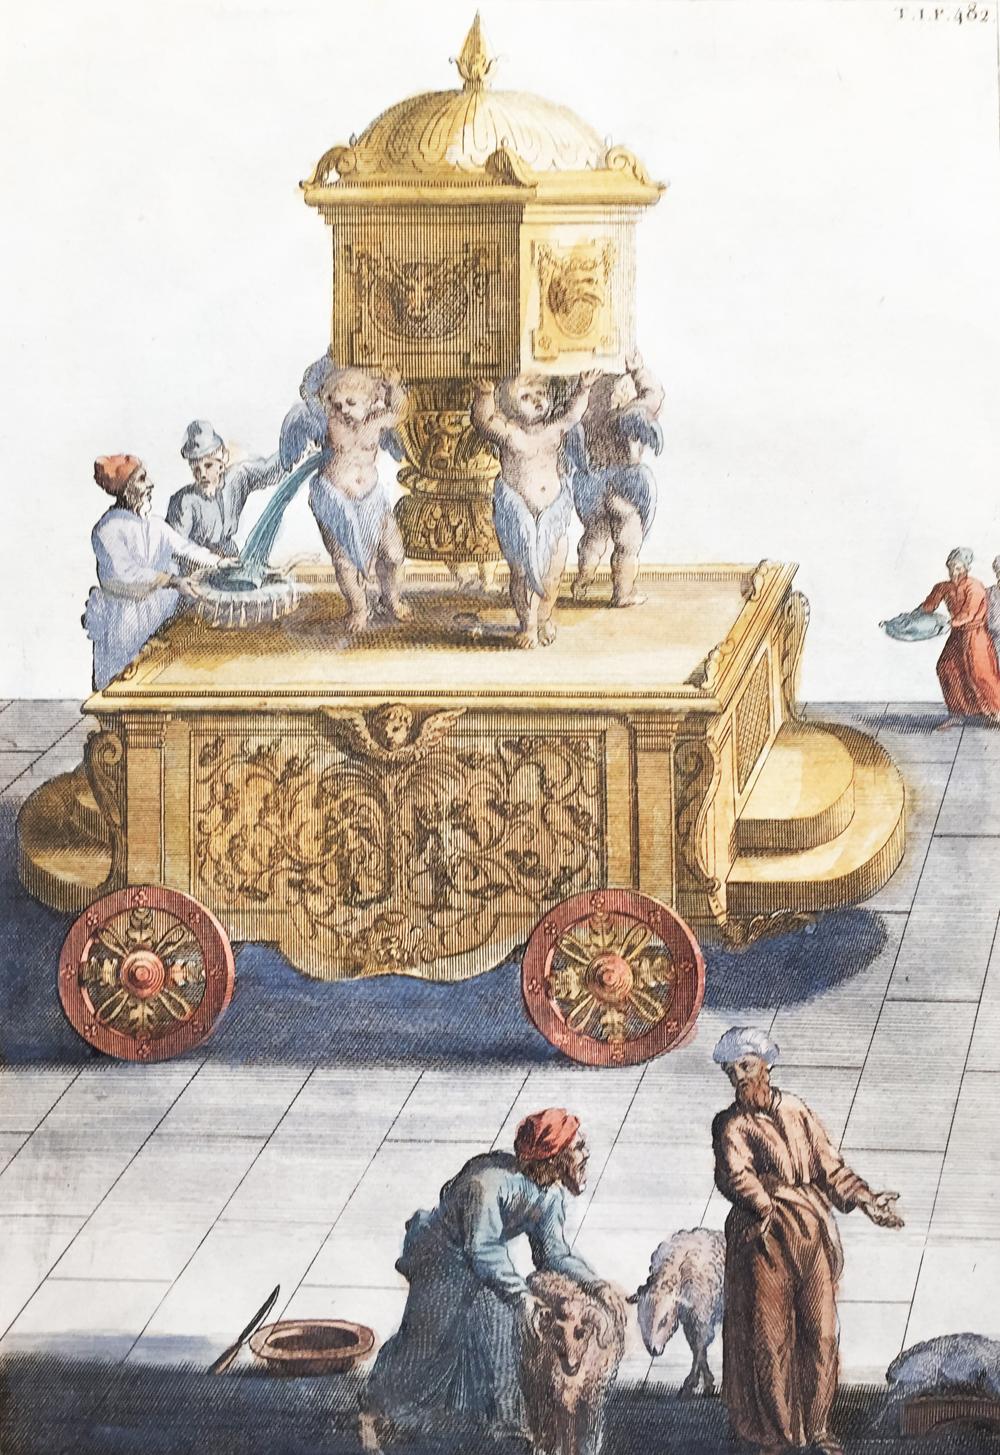 One of the Ten Wheeled Movable Basin – Un des Dix Bassins d'Airain du Temps de Salomon qui Servaient à laver les Victimes, les Vases